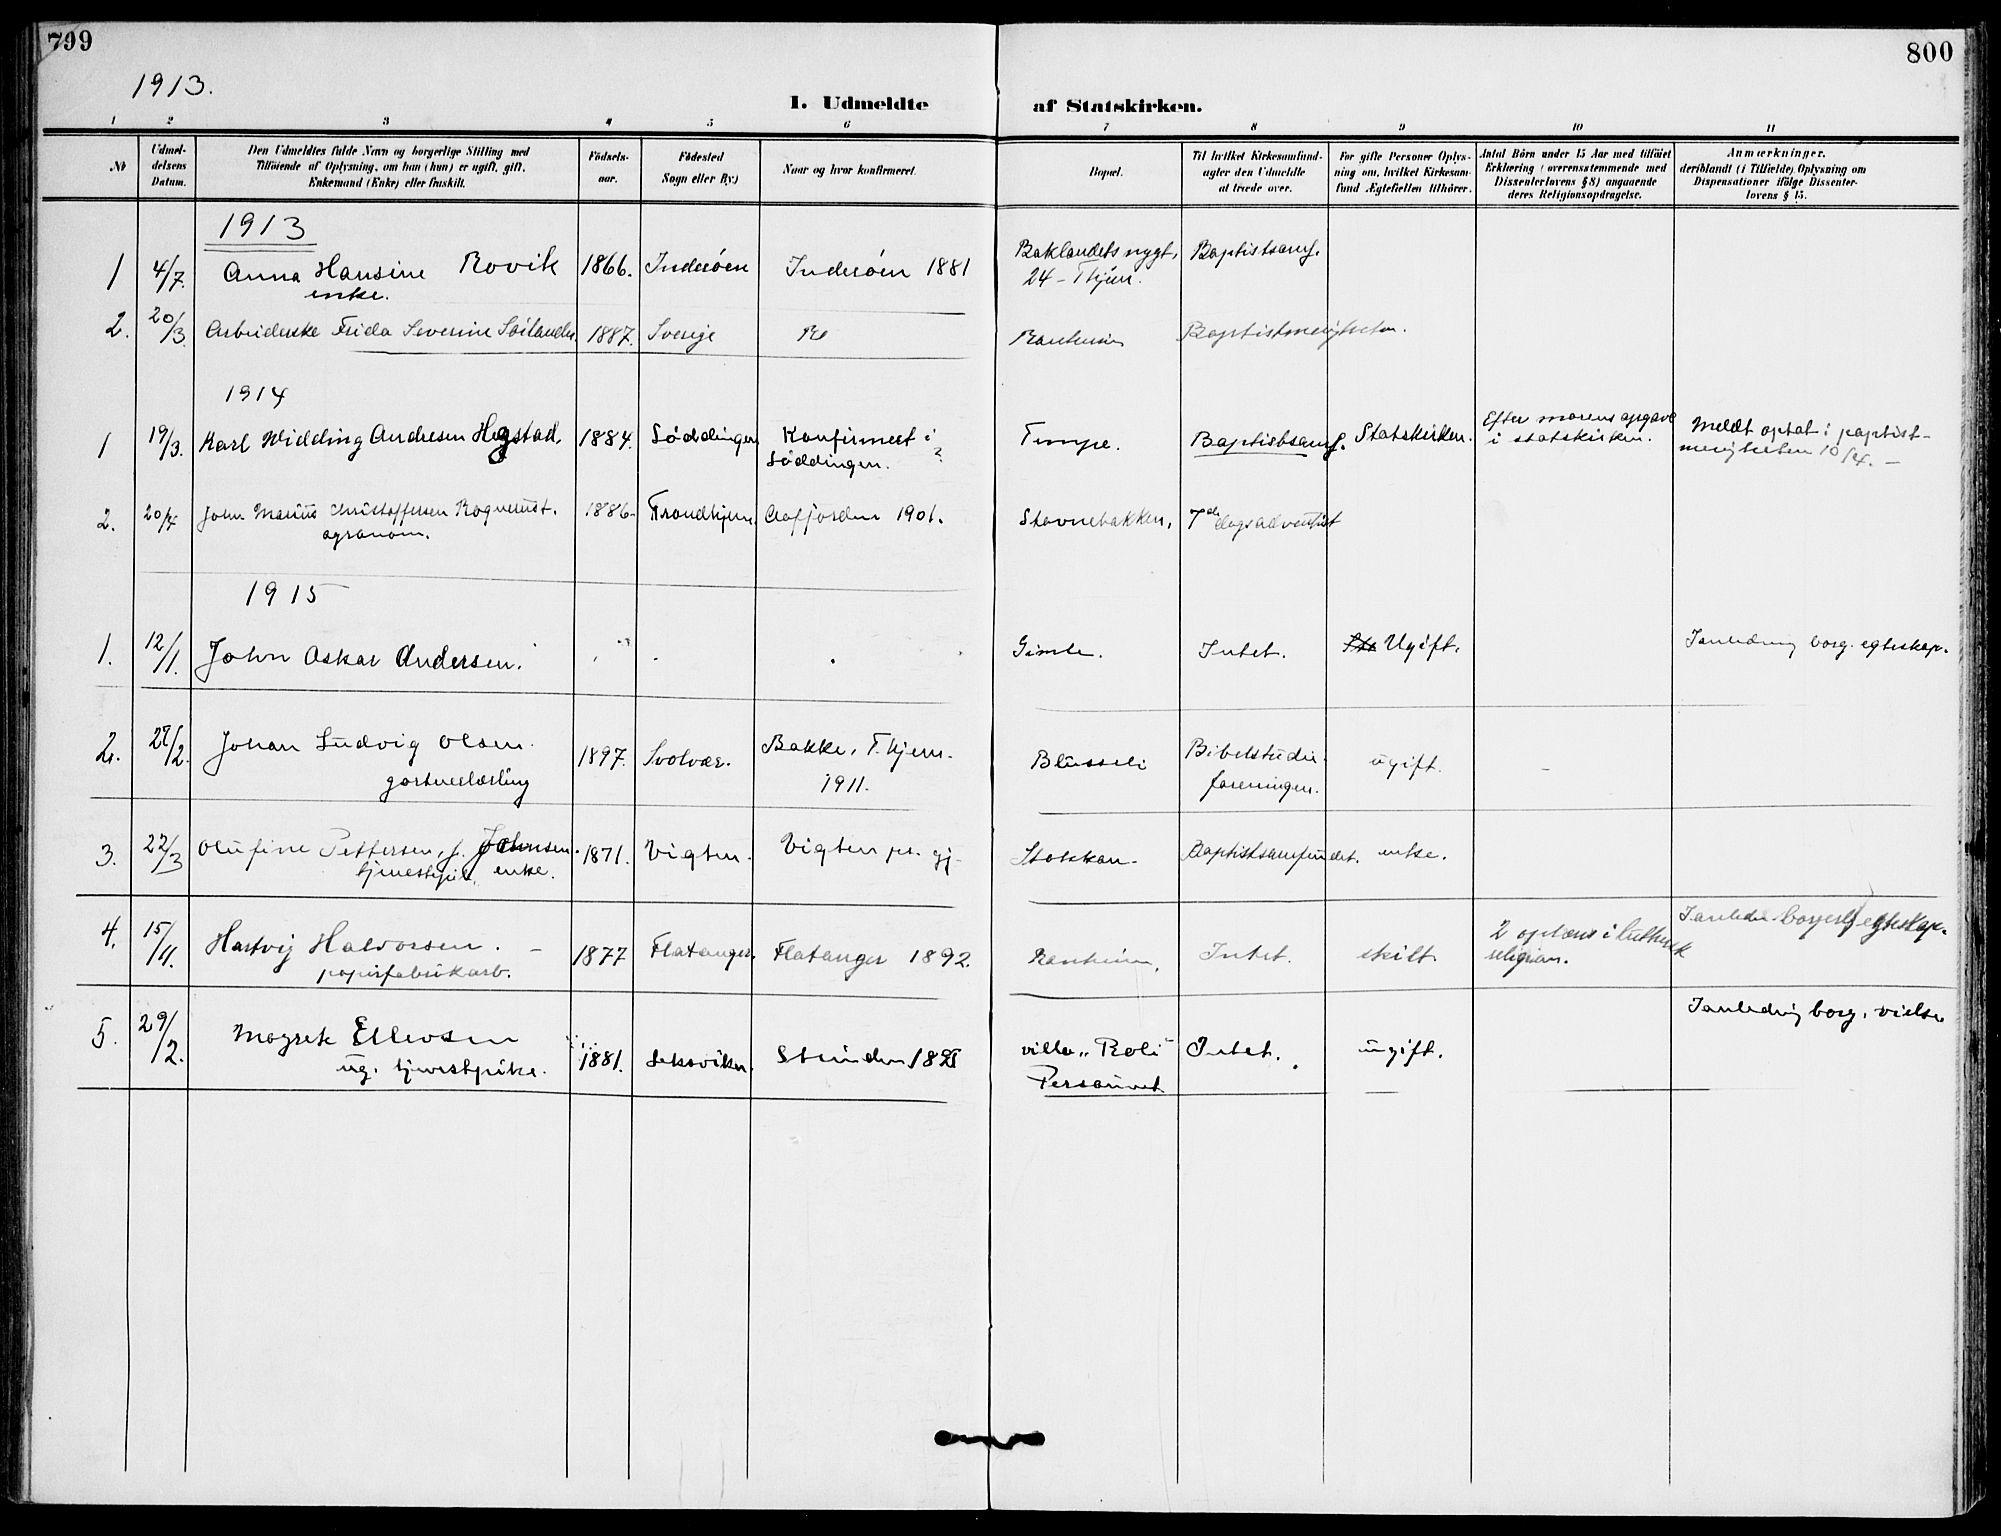 SAT, Ministerialprotokoller, klokkerbøker og fødselsregistre - Sør-Trøndelag, 607/L0320: Ministerialbok nr. 607A04, 1907-1915, s. 799-800